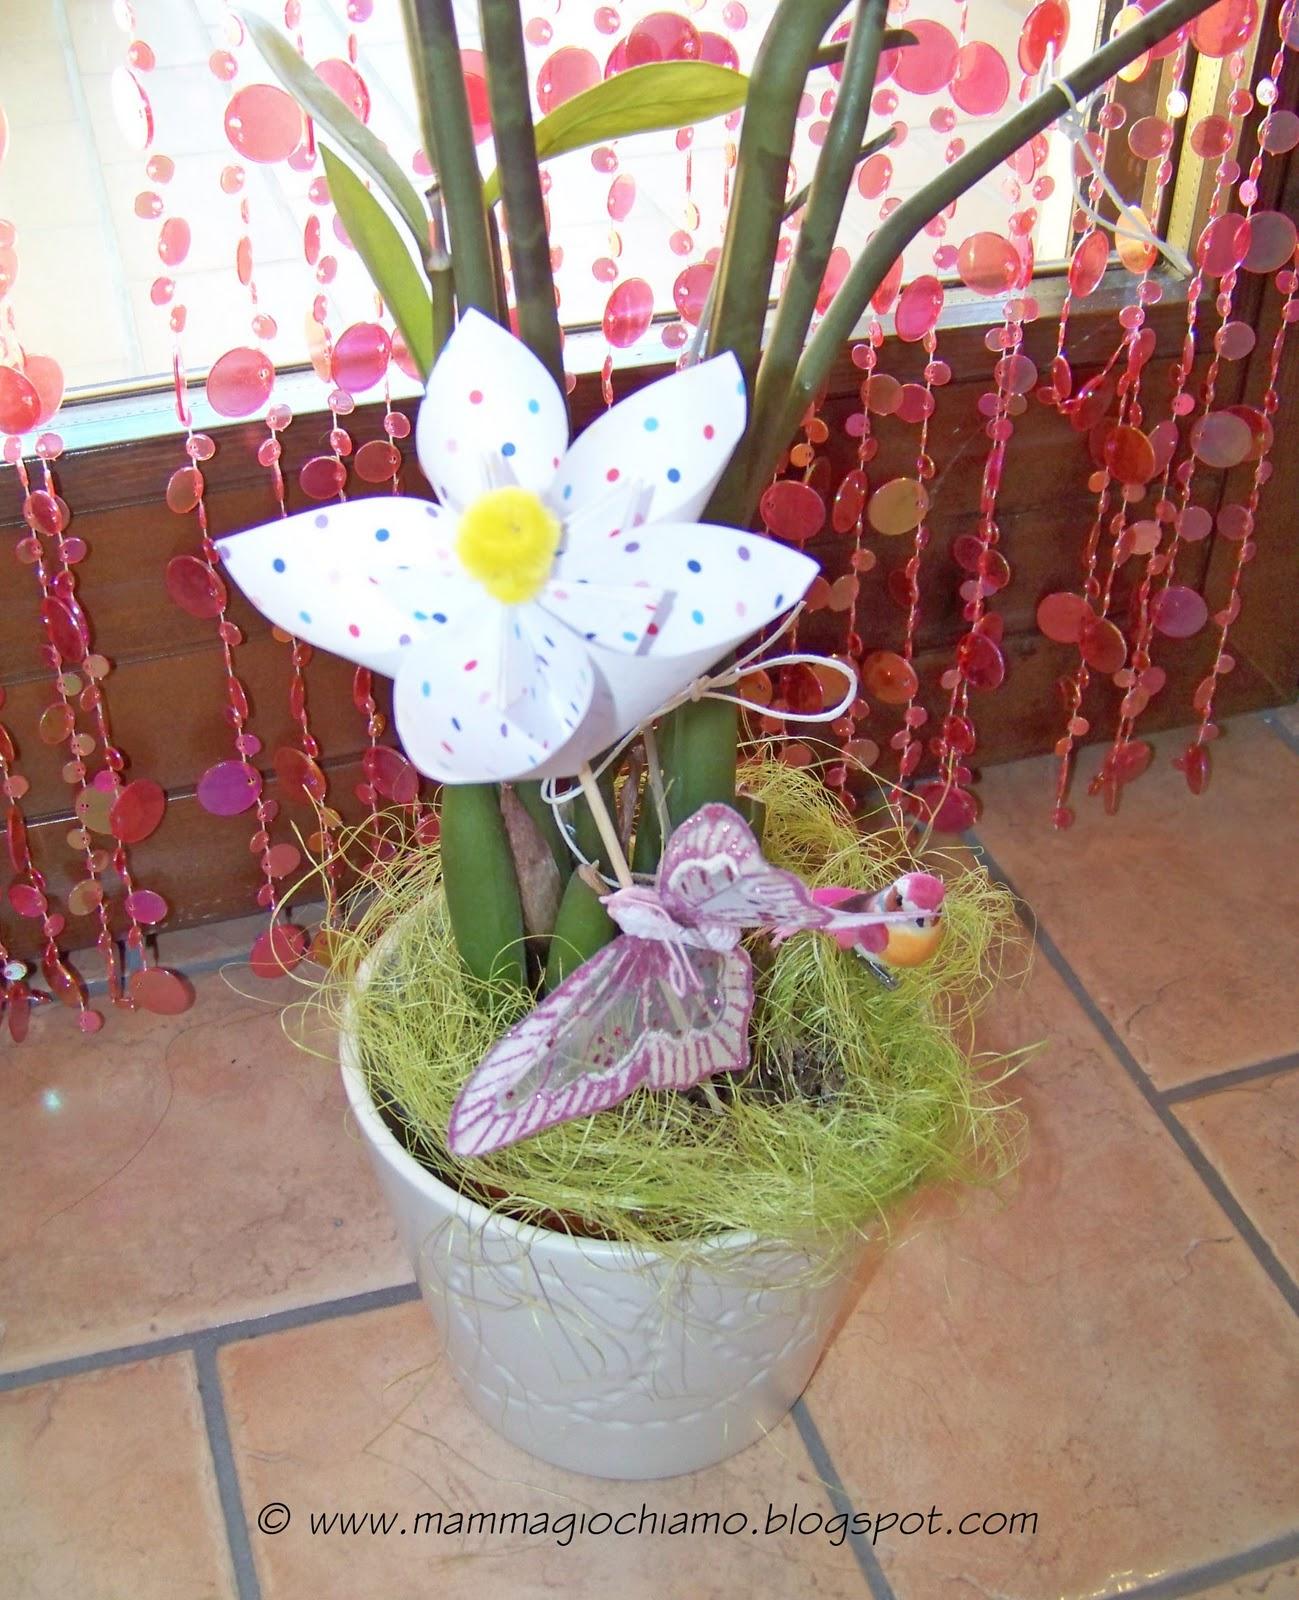 Mamma giochiamo lavoretti di pasqua primavera fiore di for Lavoretti di primavera